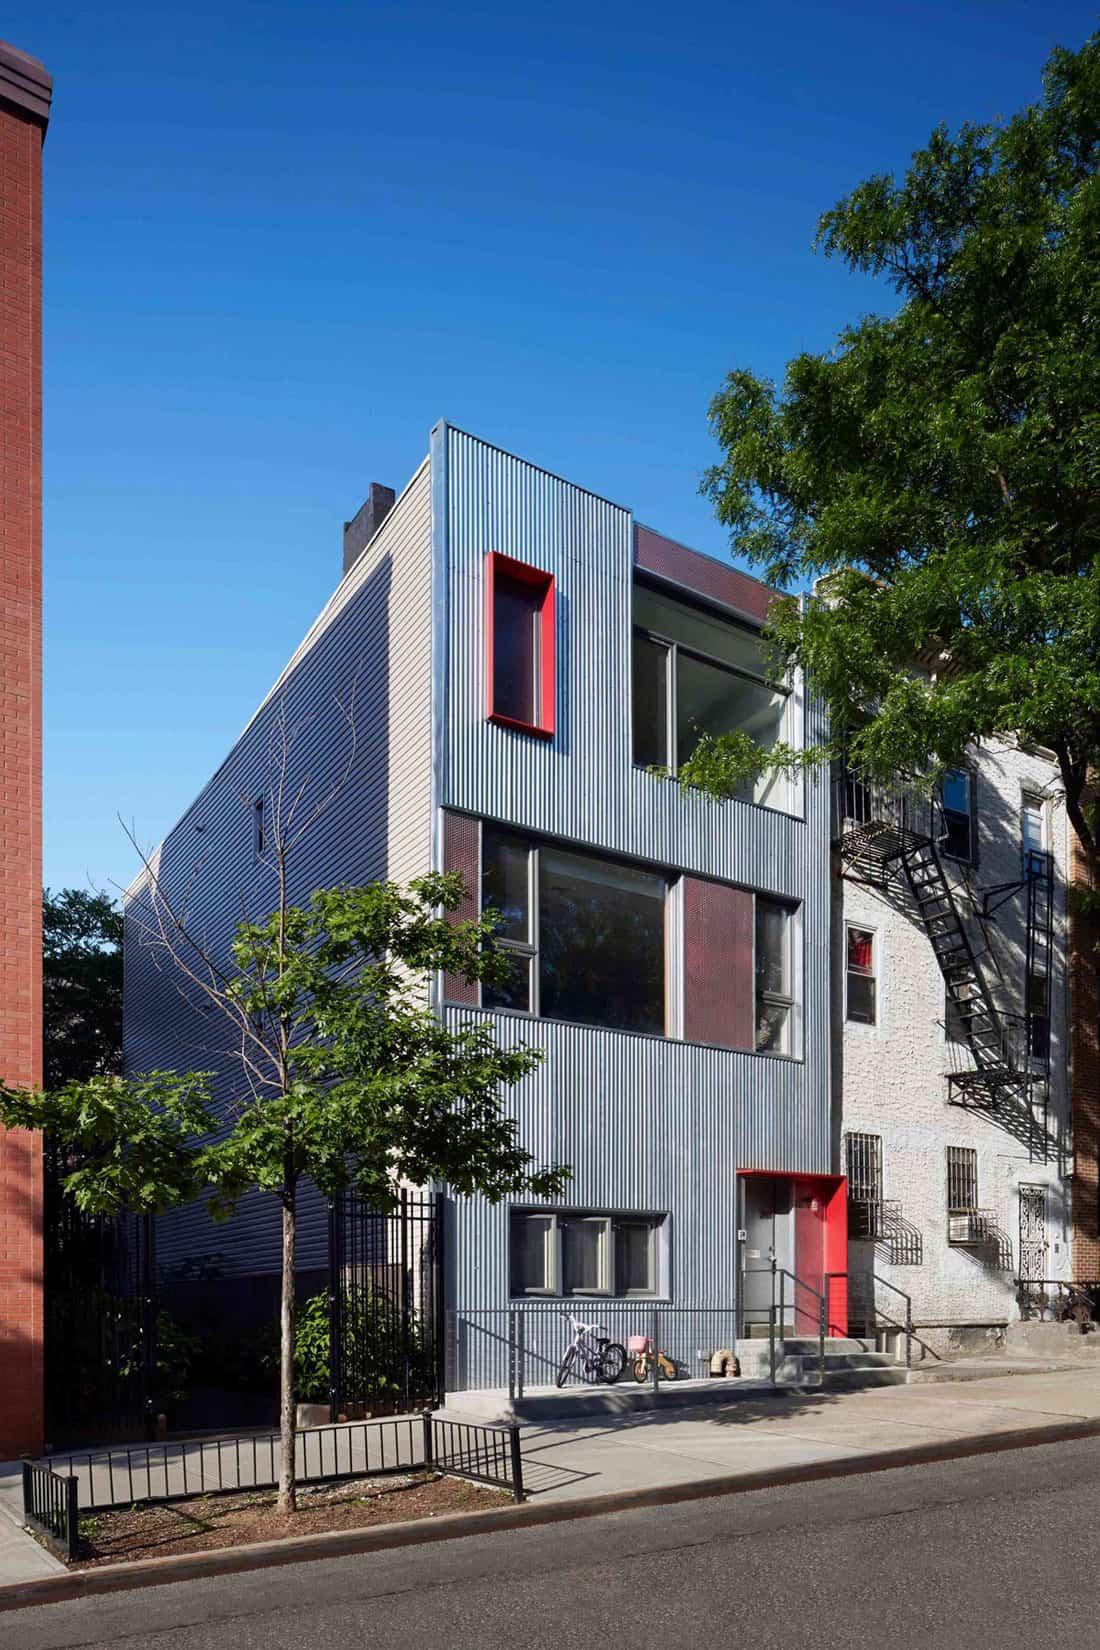 Gutman-Umansky Residence by Etelamaki Architecture (1)